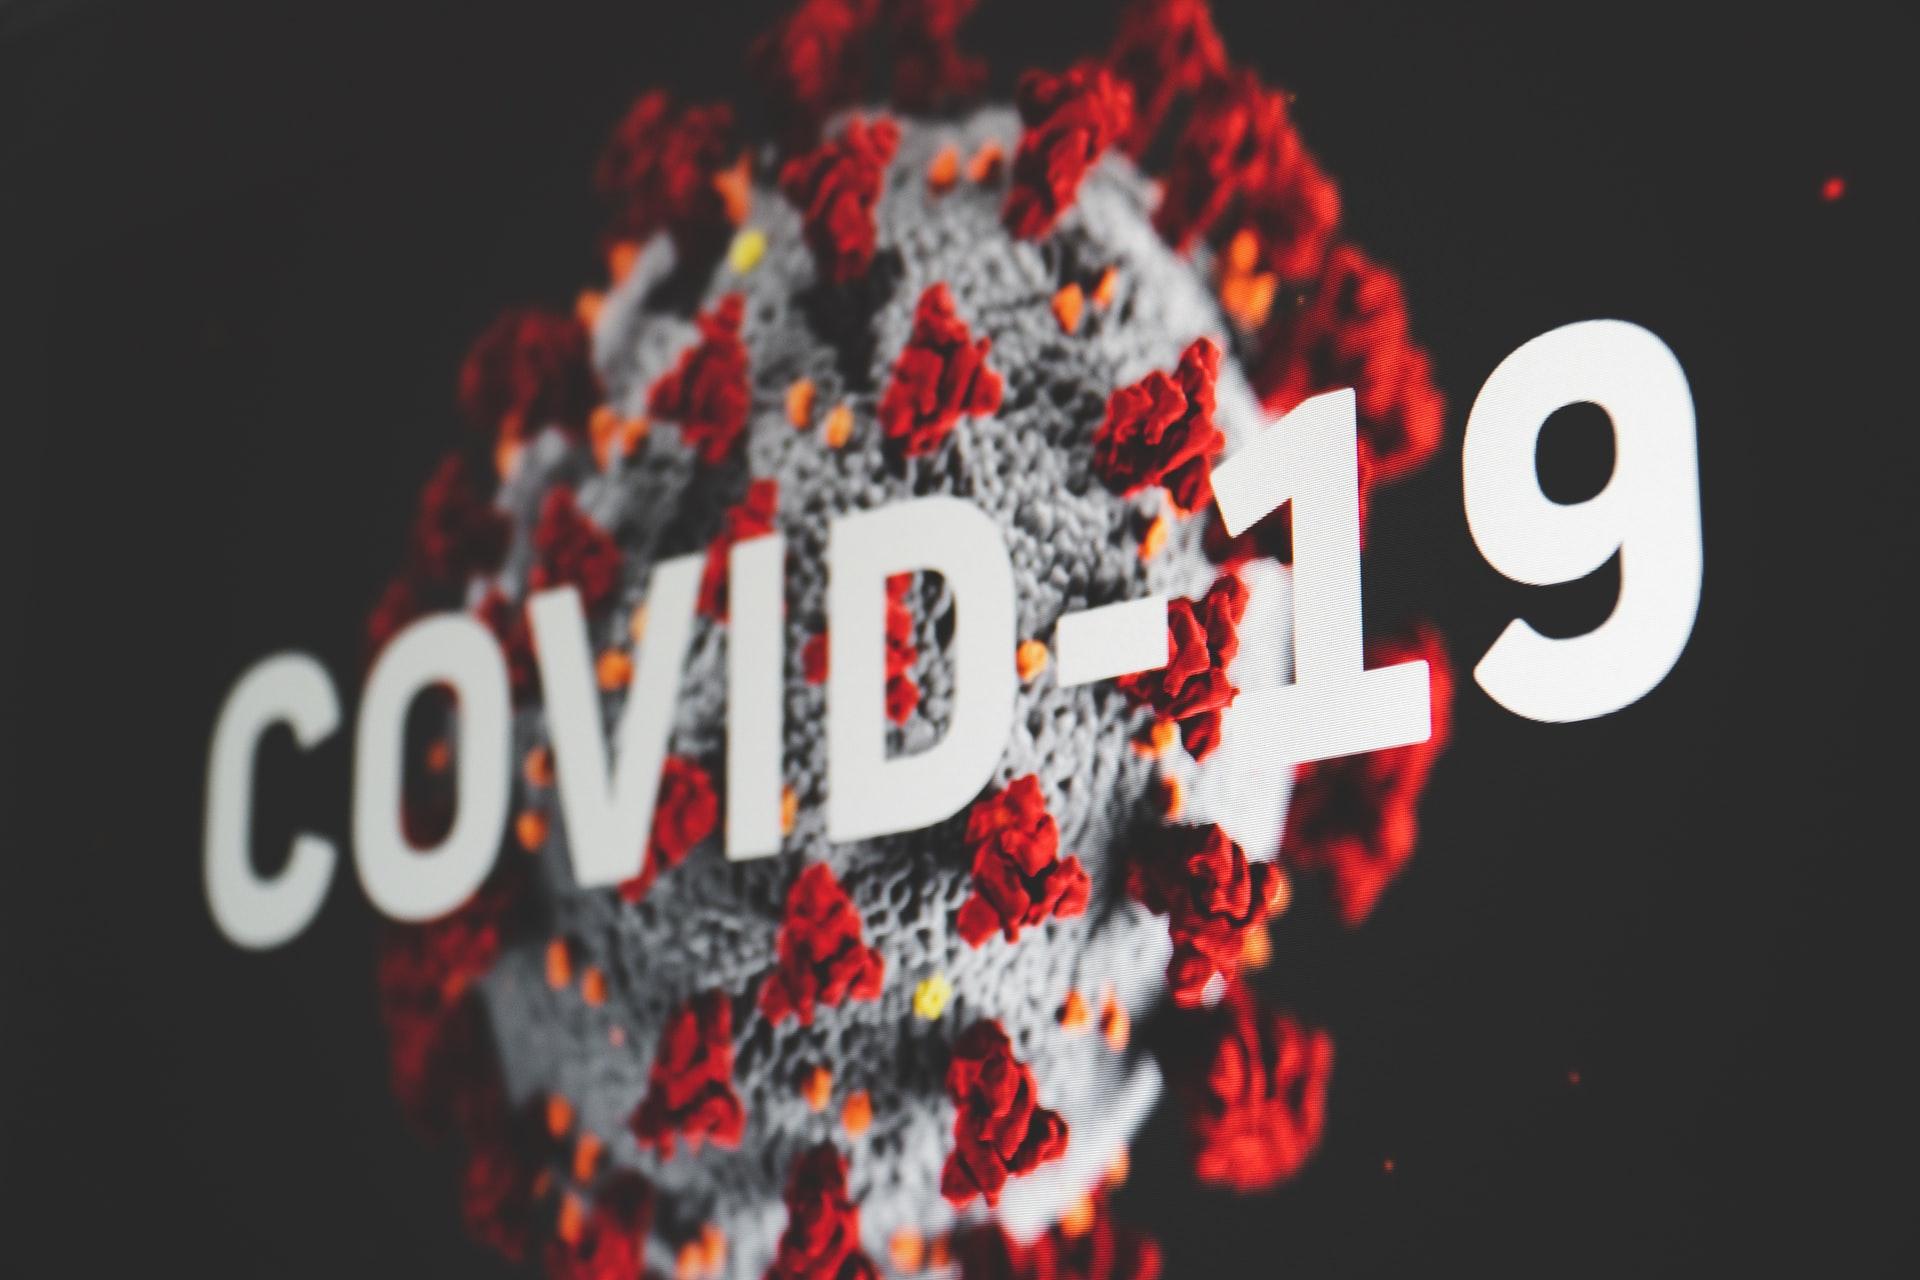 Ontario reporta 124 nuevos casos del COVID-19 y 2 muertes